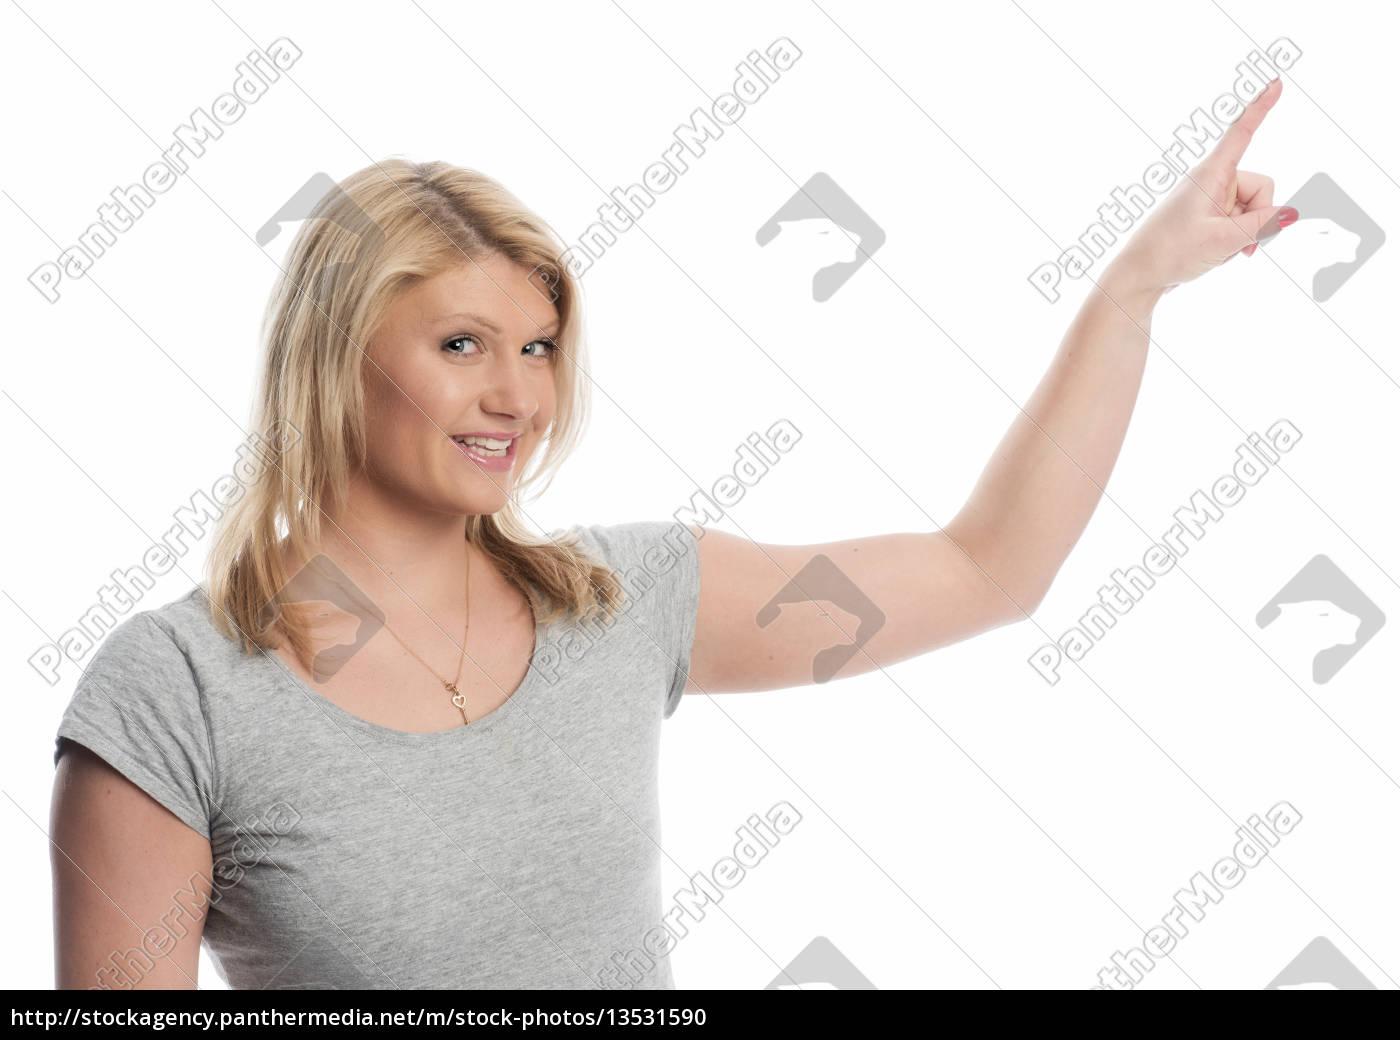 junge, blonde, frau, im, t-shirt, zeigt - 13531590